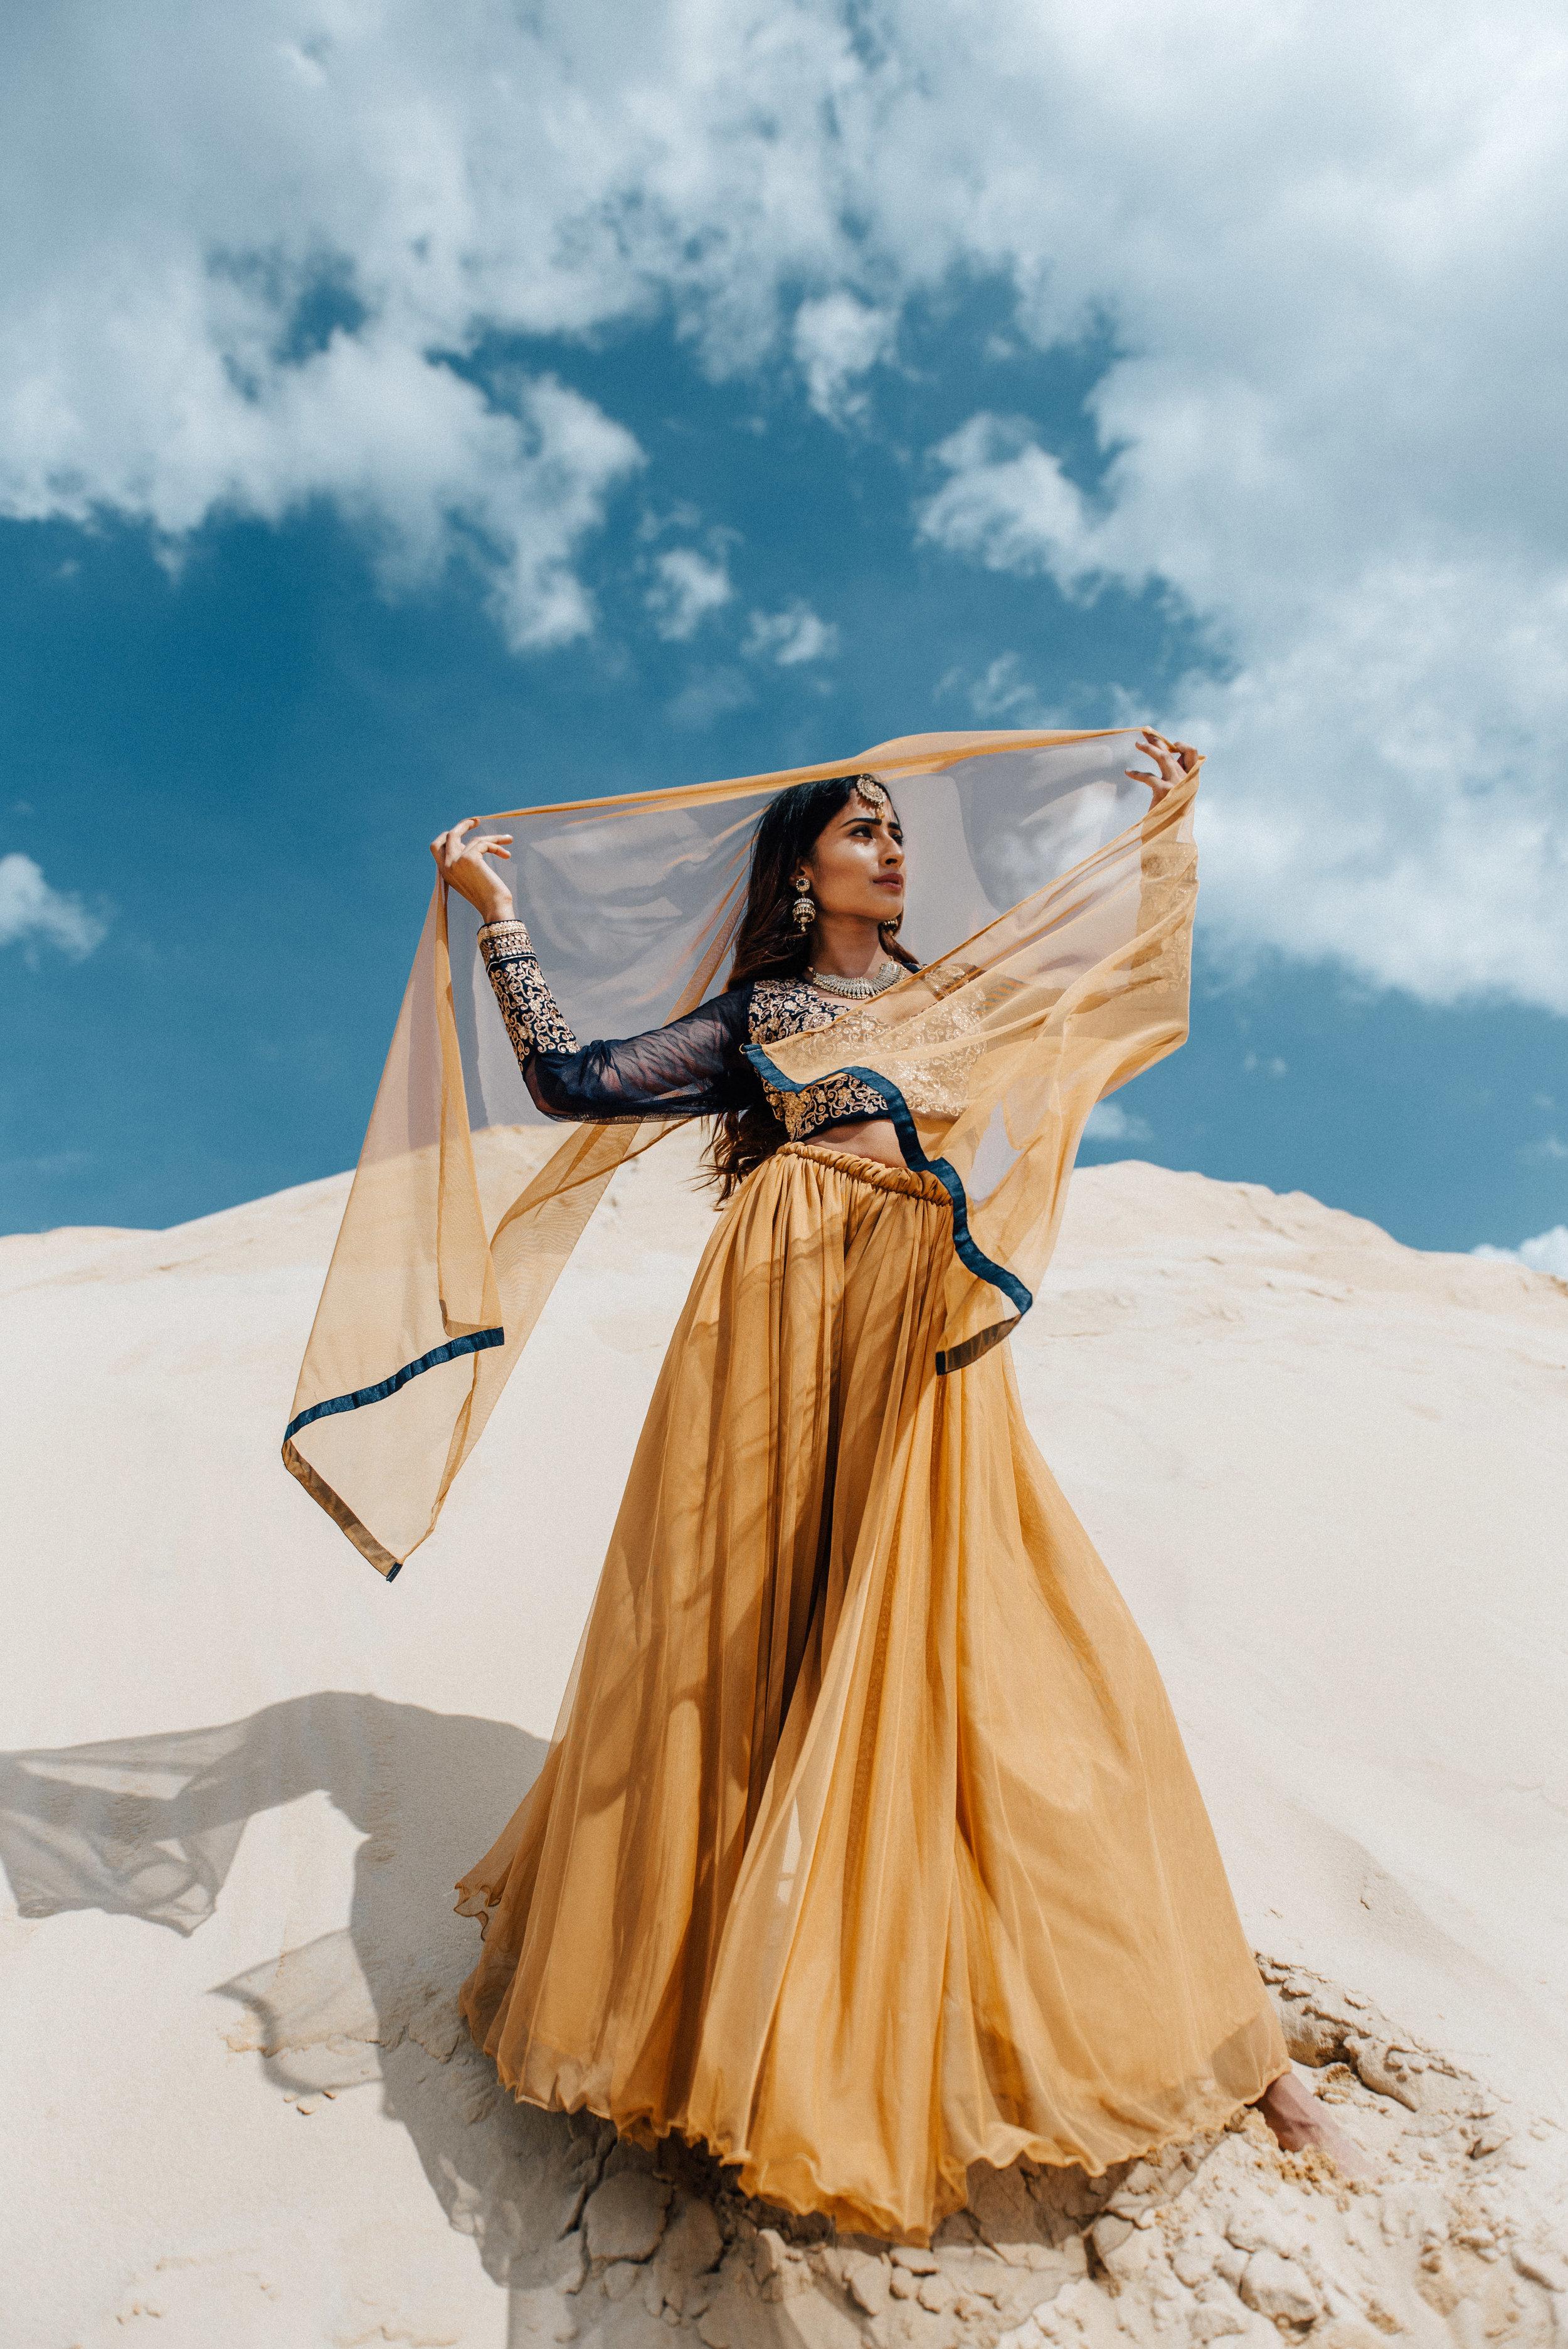 Shu_Desert-5.jpg